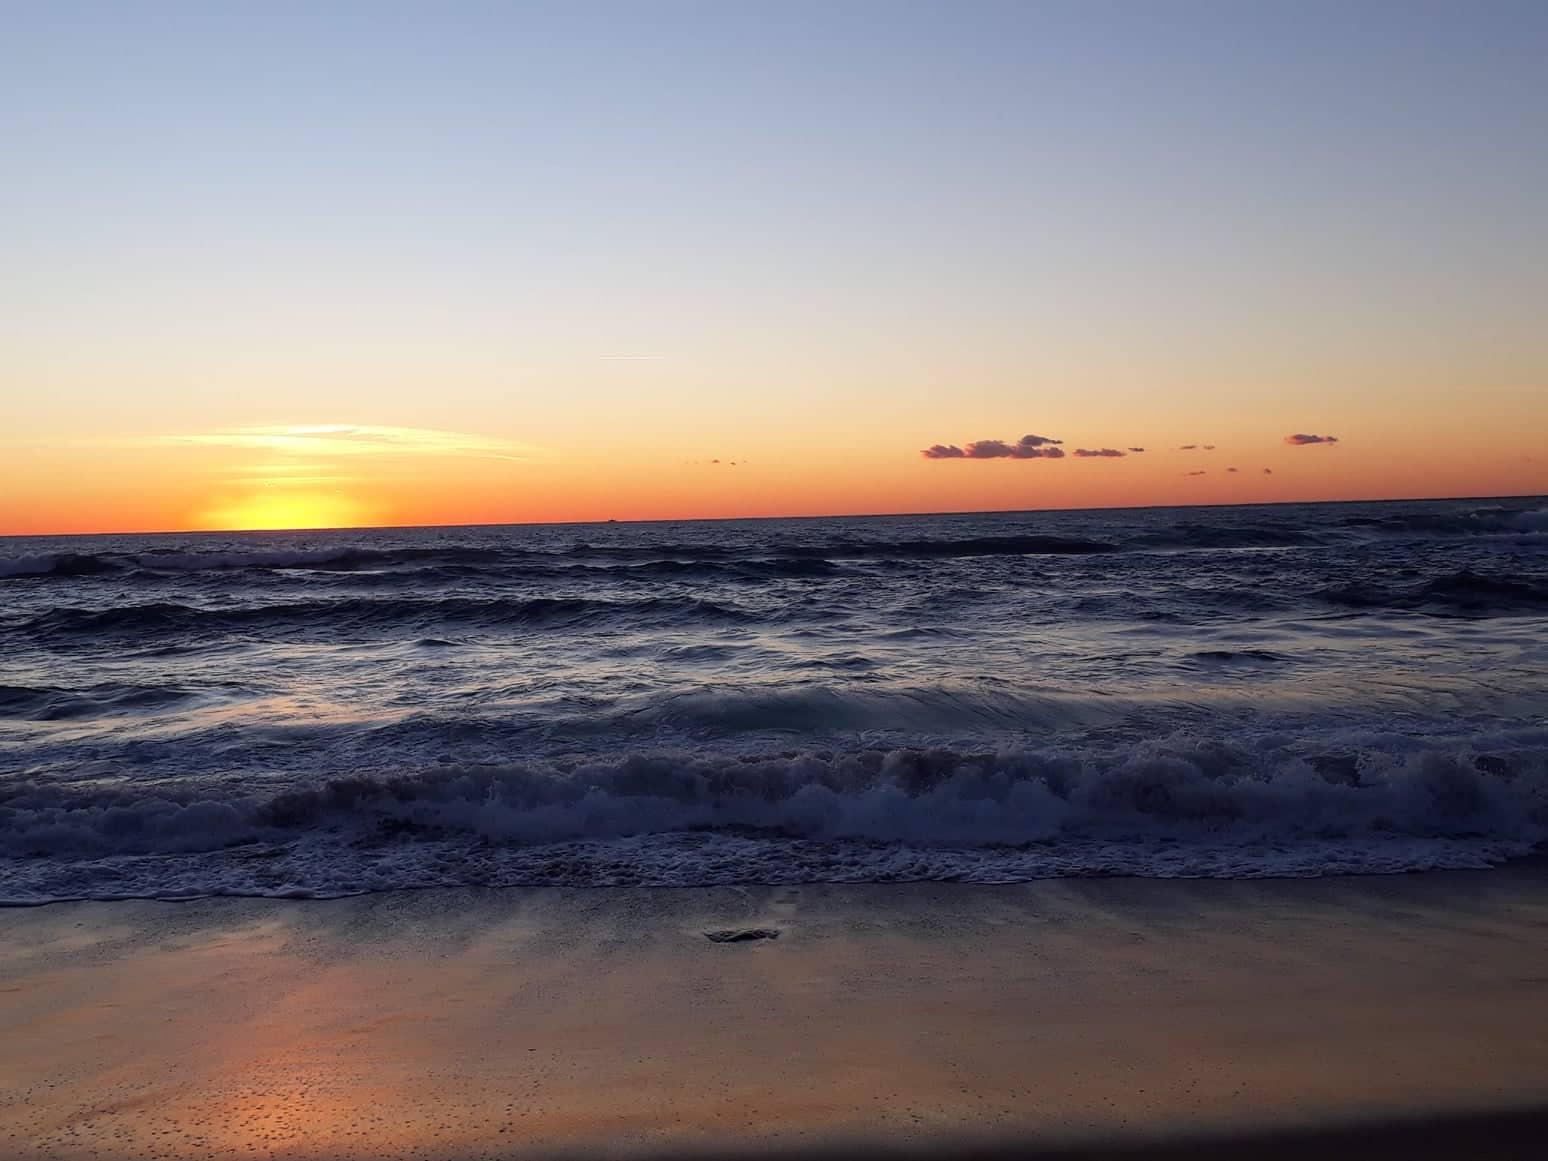 spiagge di Palinuro, tramonto spiaggia delle saline palinuro